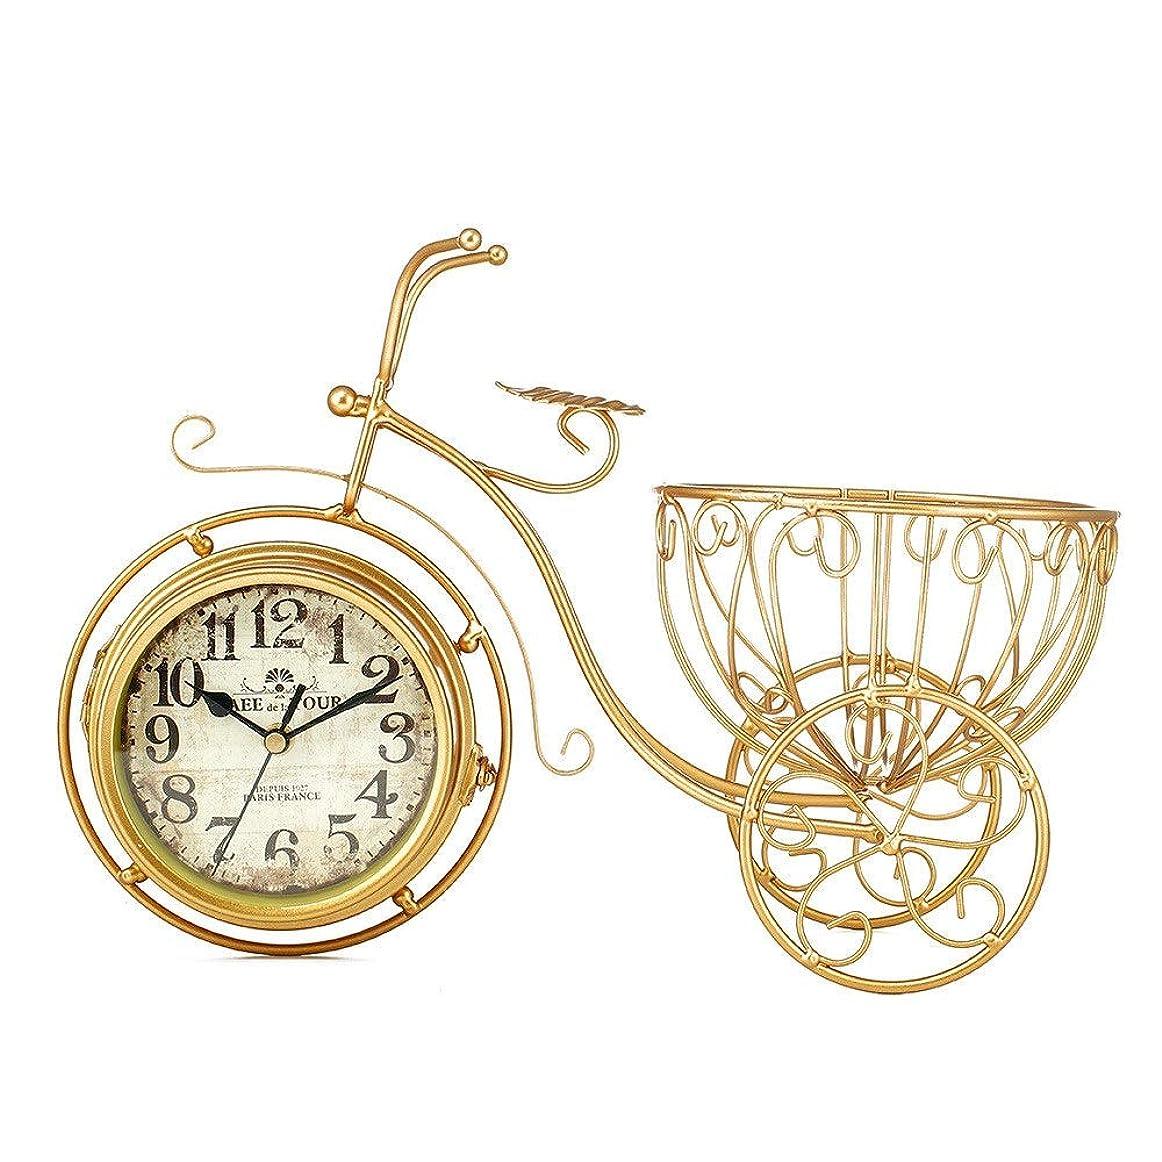 曇った便利さフィラデルフィア置き時計 レトロ 電池式レトロの自転車の時計のデザインの居間の装飾的な非刻々と続く数字 (色 : ゴールド, サイズ : 37x27cm)